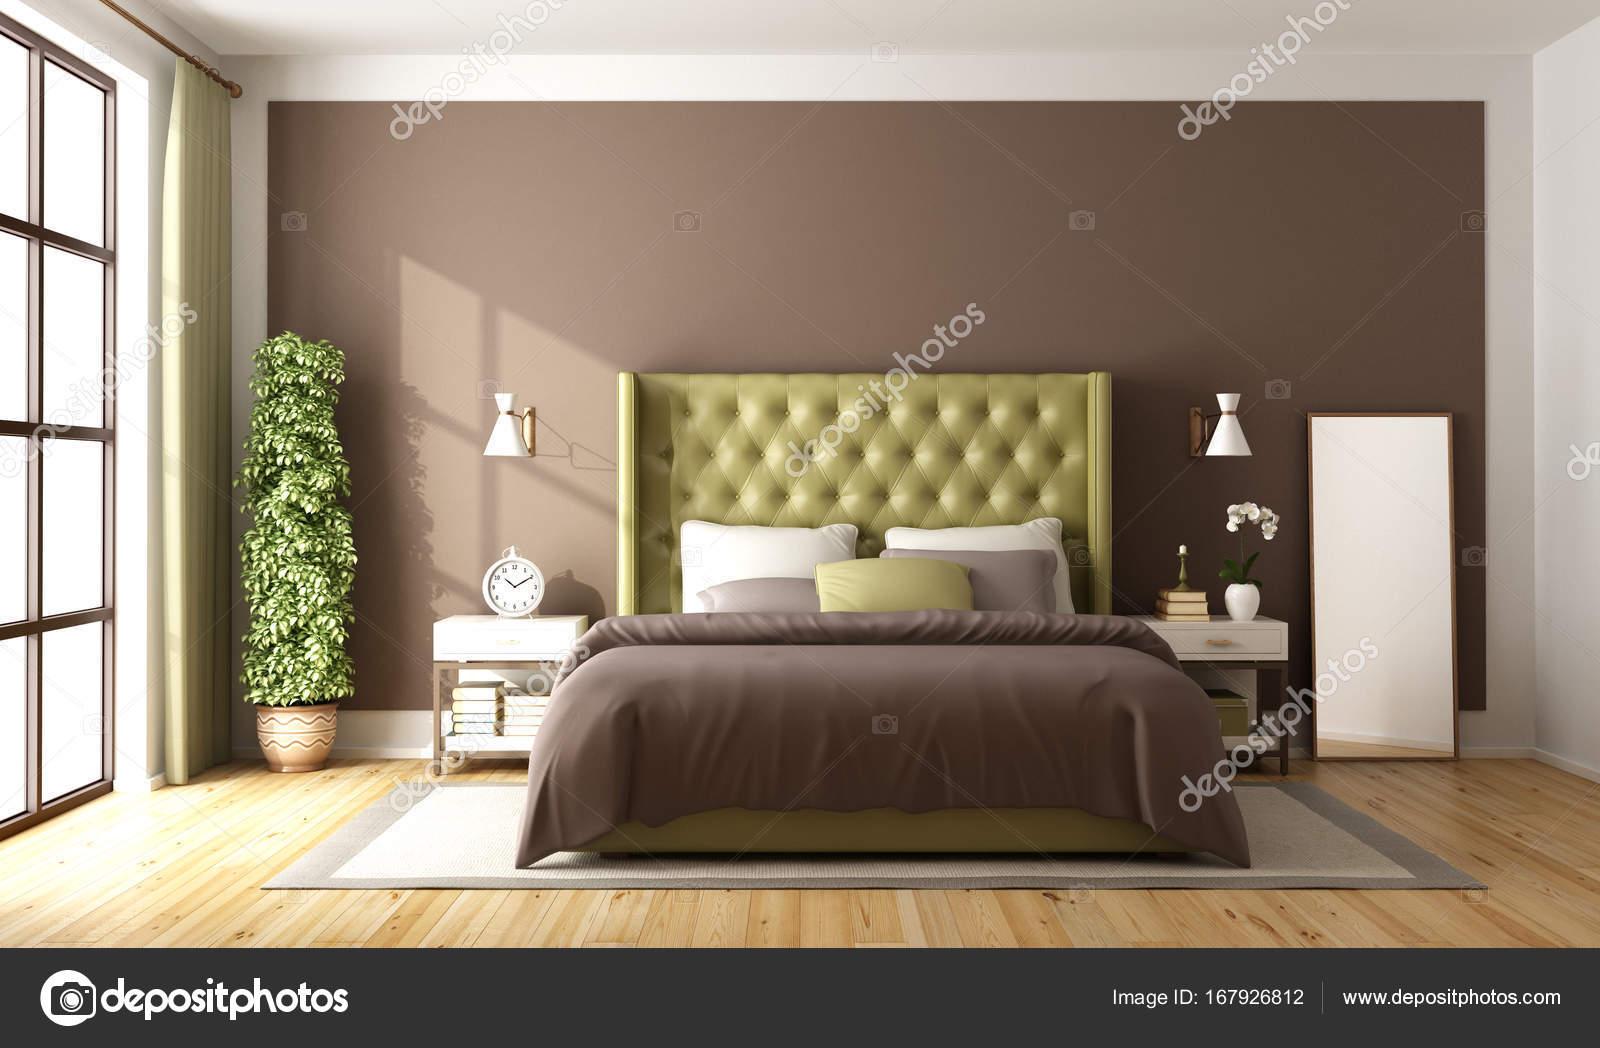 Hochwertig Braun Und Grün Schlafzimmer Mit Eleganten Doppelbett   3d Rendering U2014 Foto  Von Archideaphoto